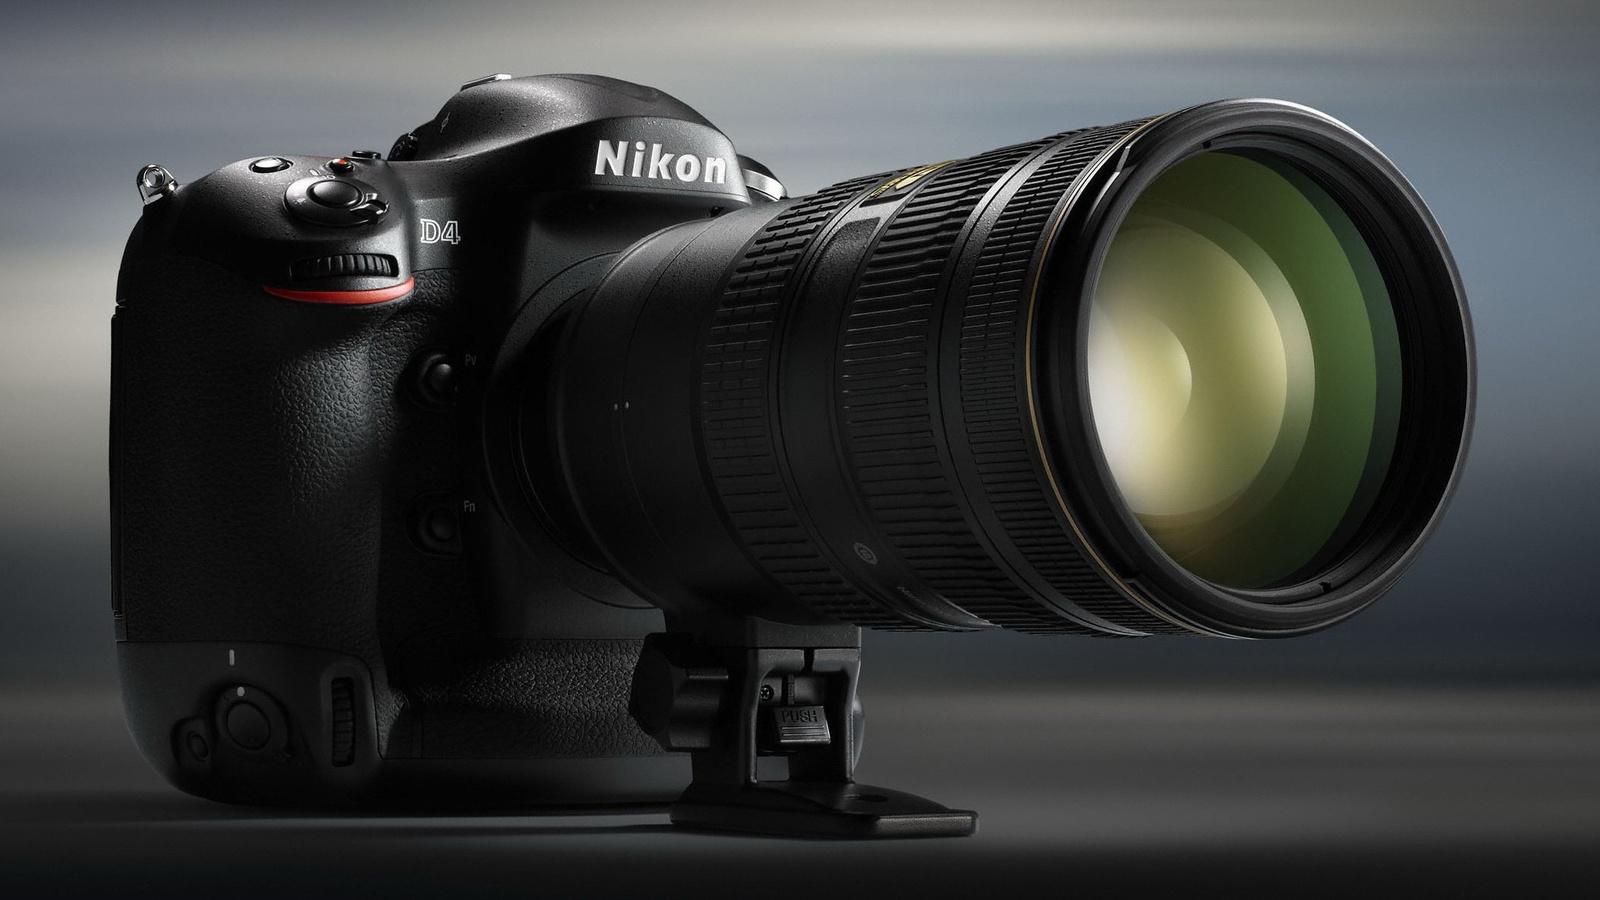 Как проверить фотоаппарат при покупке с рук новых